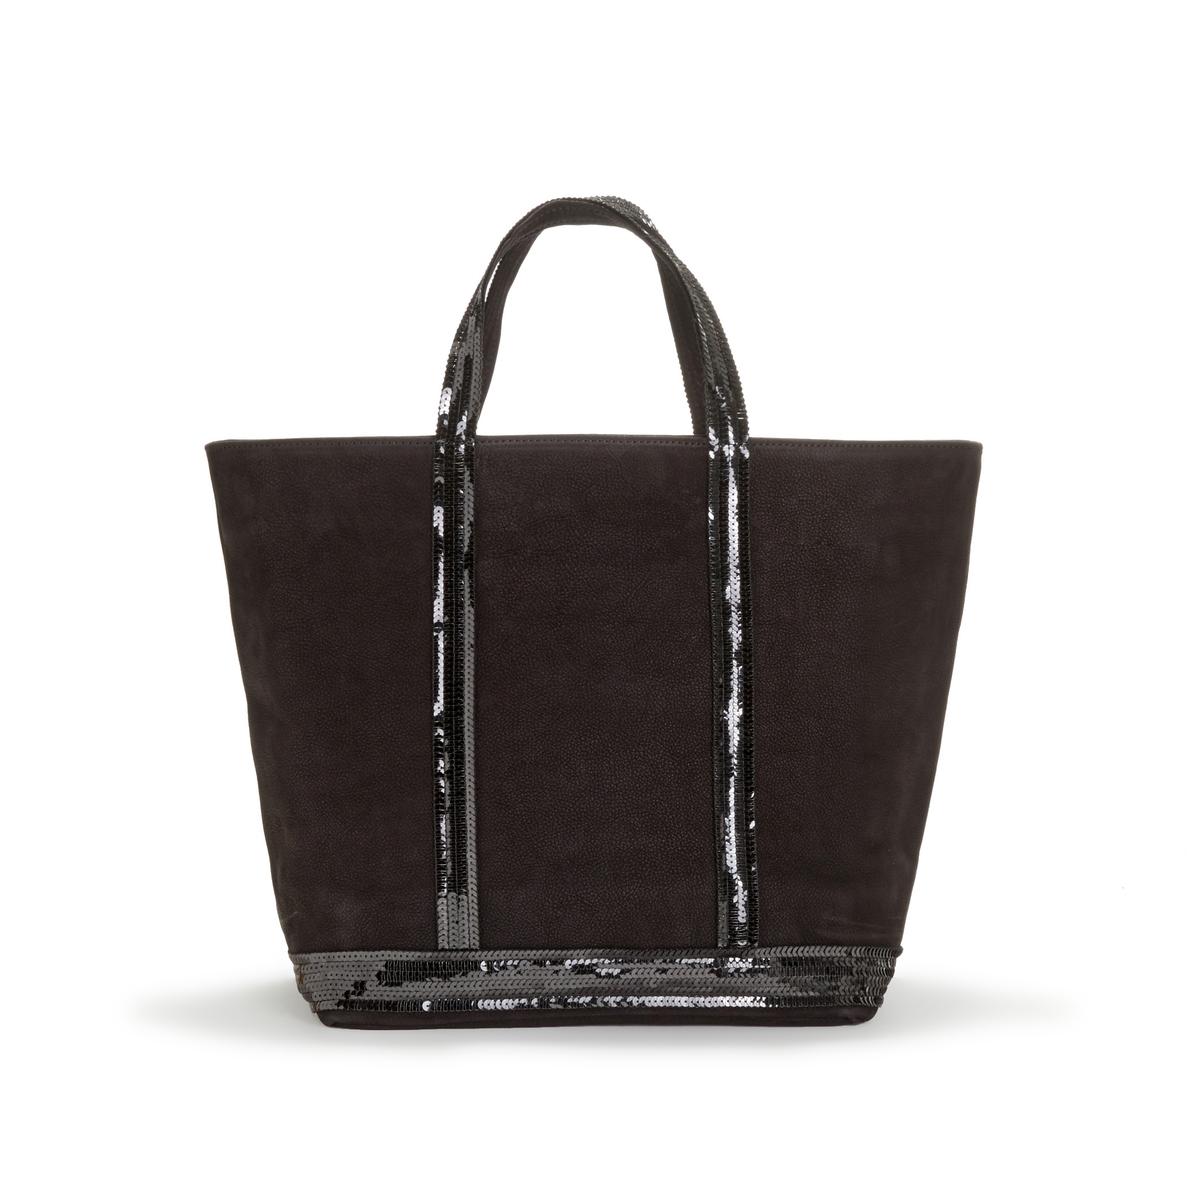 Фото - Сумка-шоппер La Redoute Среднего размера из нубука с блестками единый размер черный сумка шоппер средняя из парусины с блестками